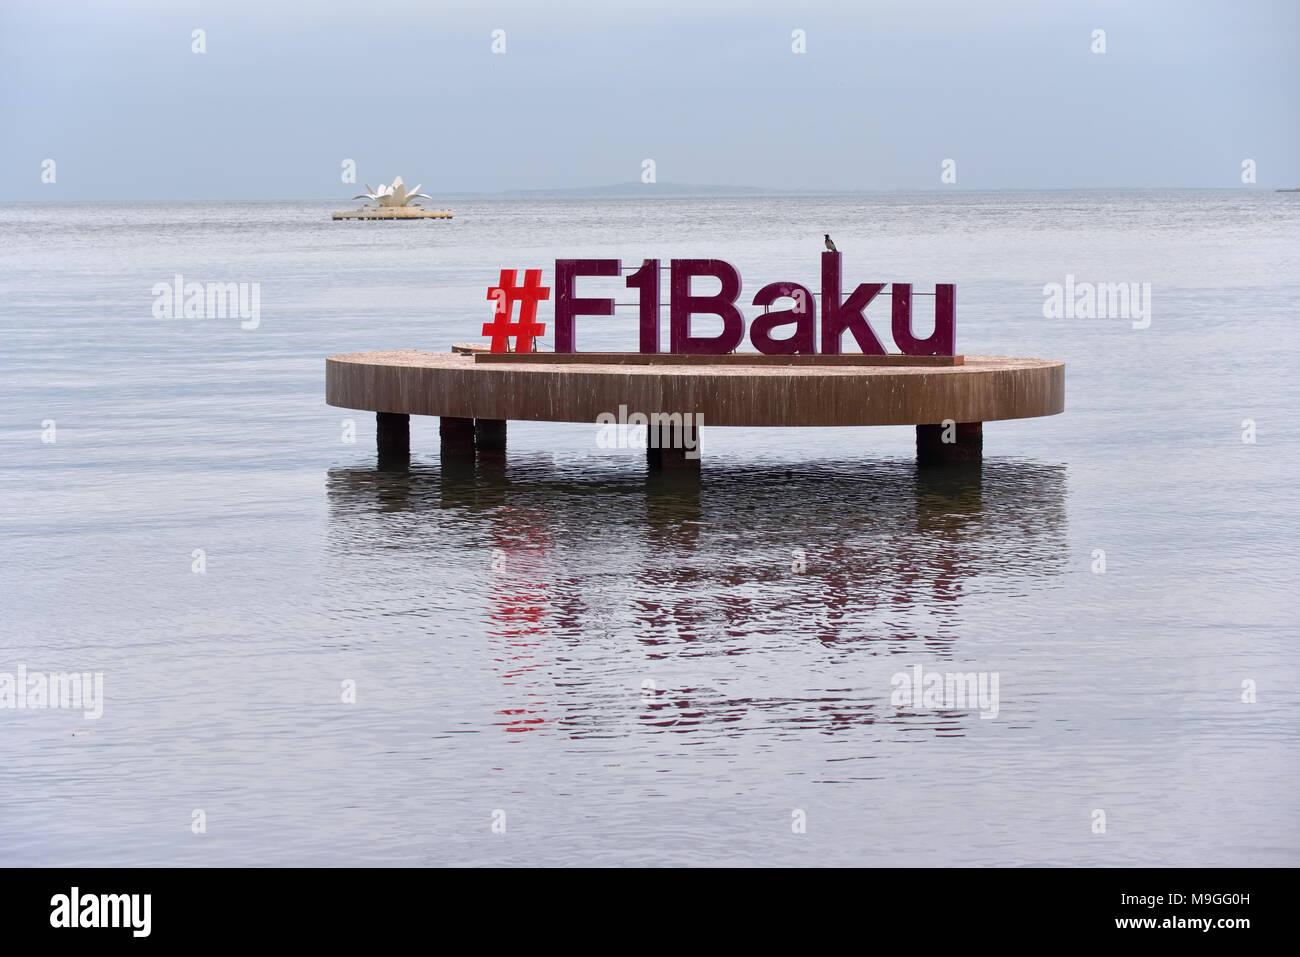 Baku, Azerbaijan - December 22, 2017: Formula 1 sign over water on cloudy December early evening at Bay of Baku in Baku, Azerbaijan. - Stock Image